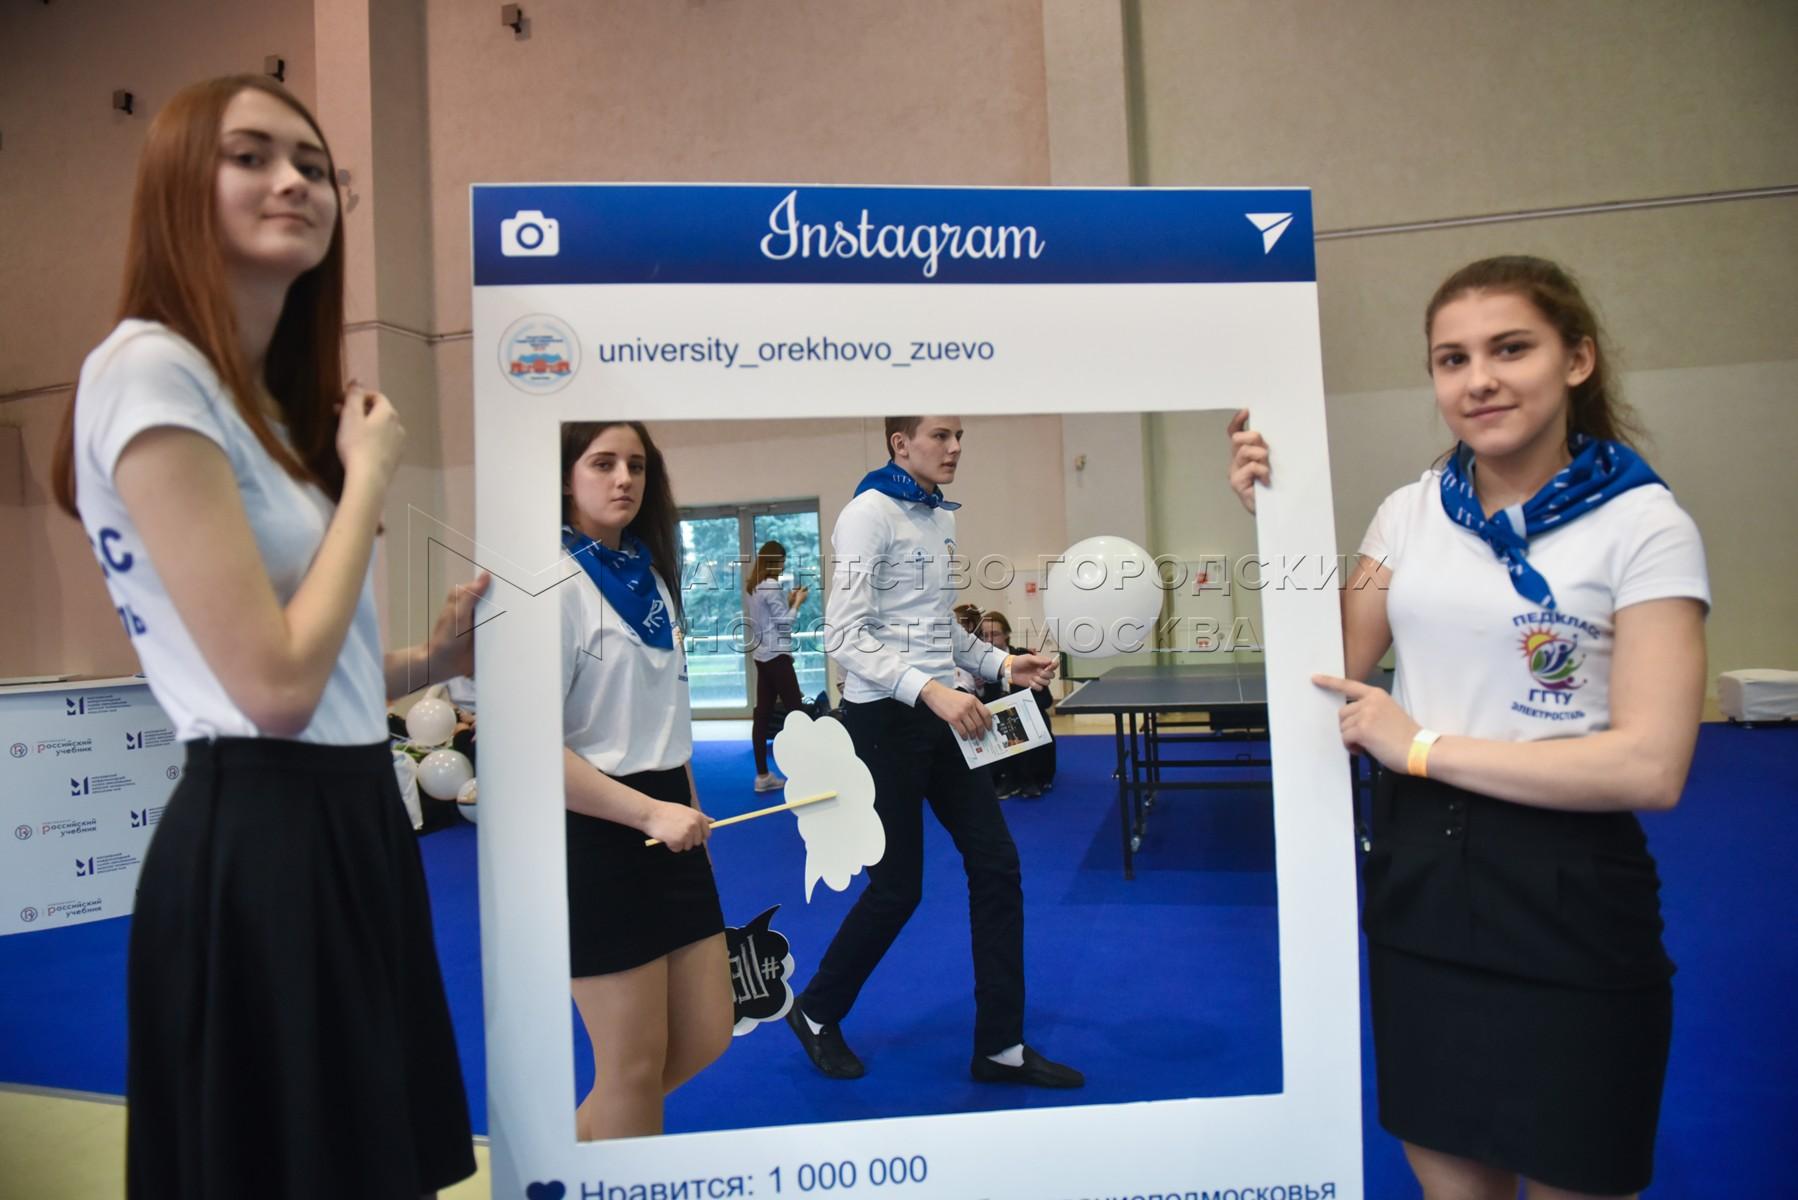 V Московский международный салон образования-2018 в павильоне №75 на ВДНХ.